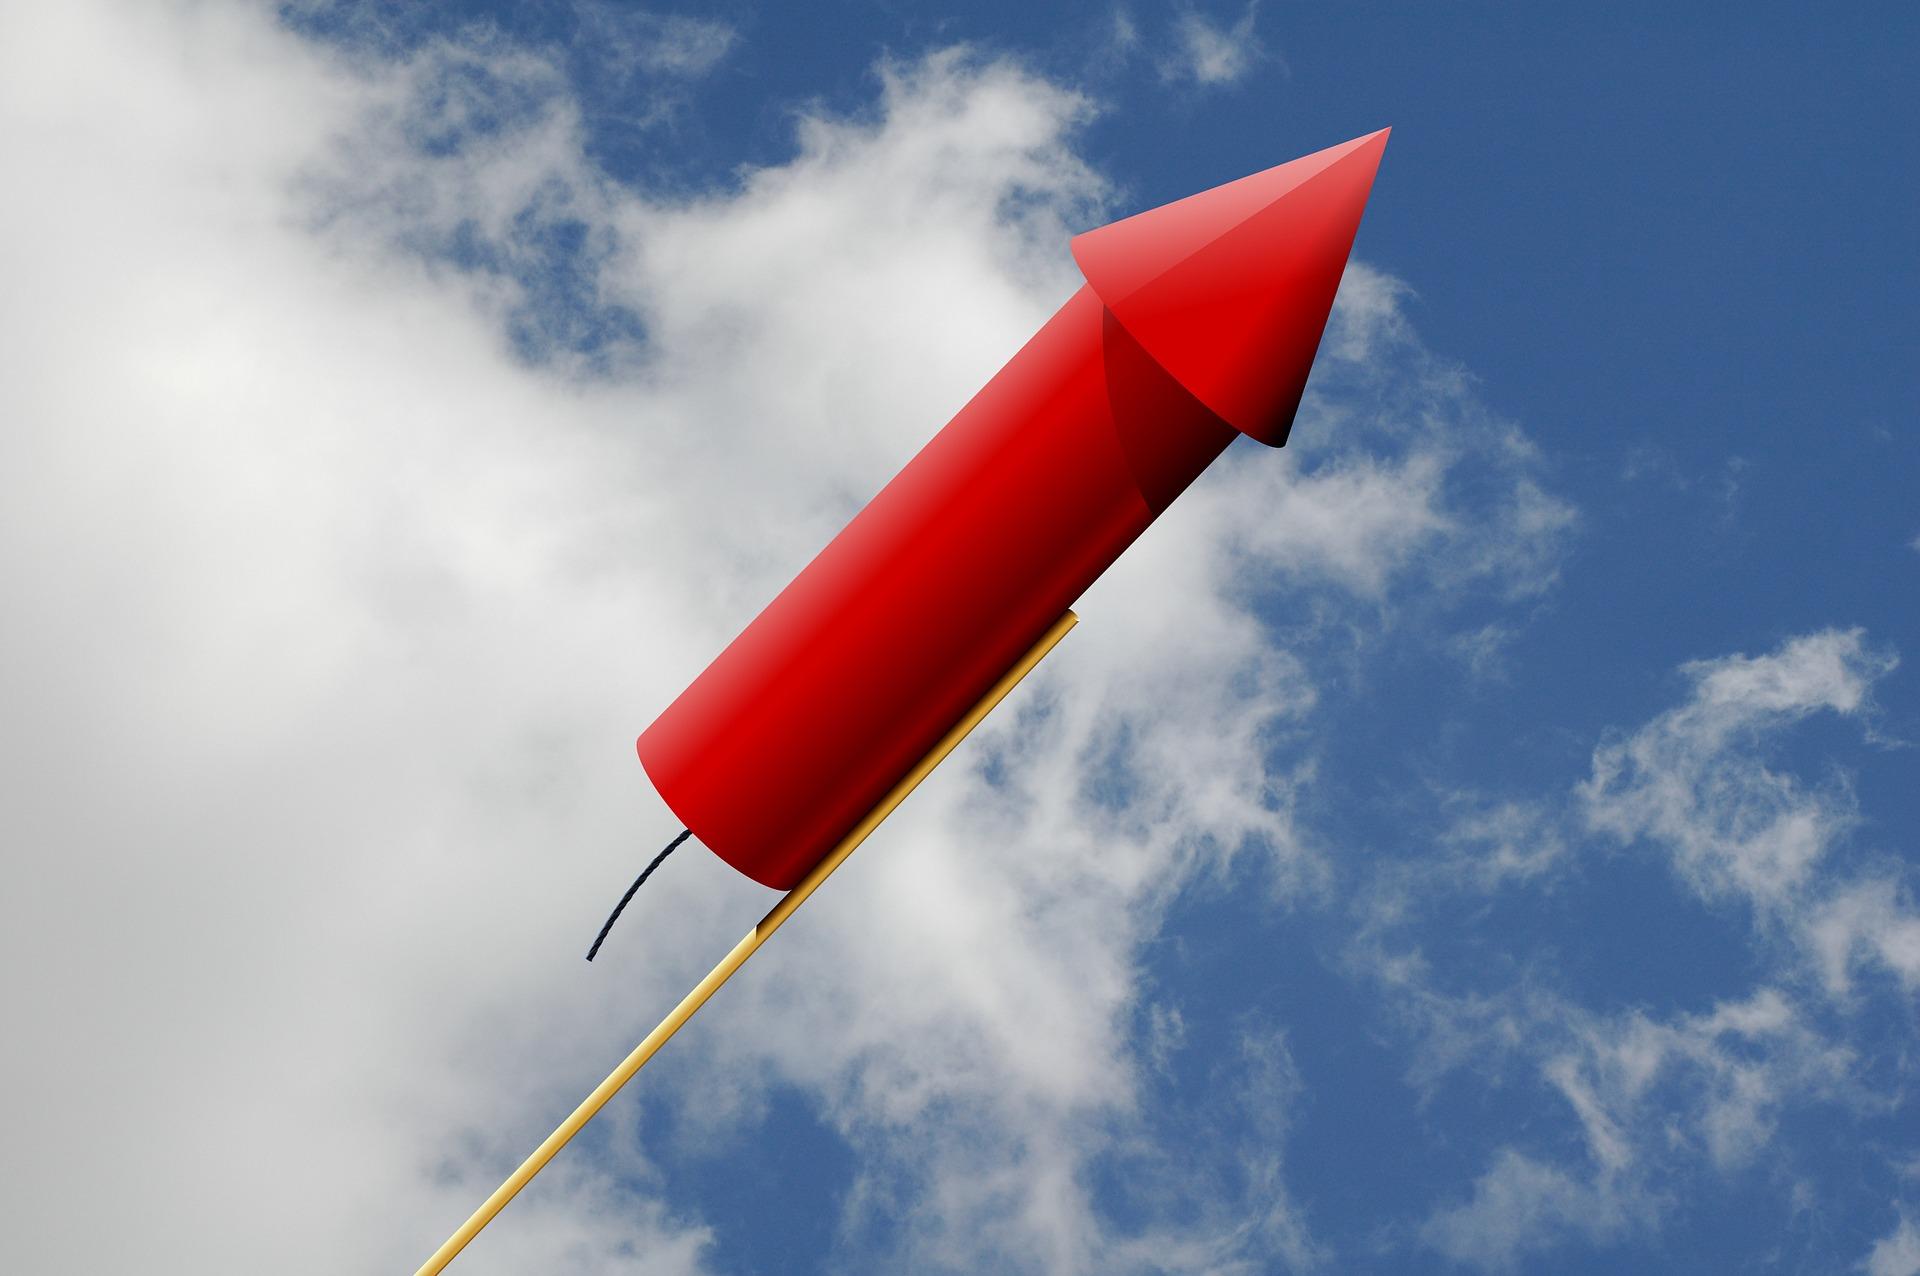 rocket-979271_1920.jpg